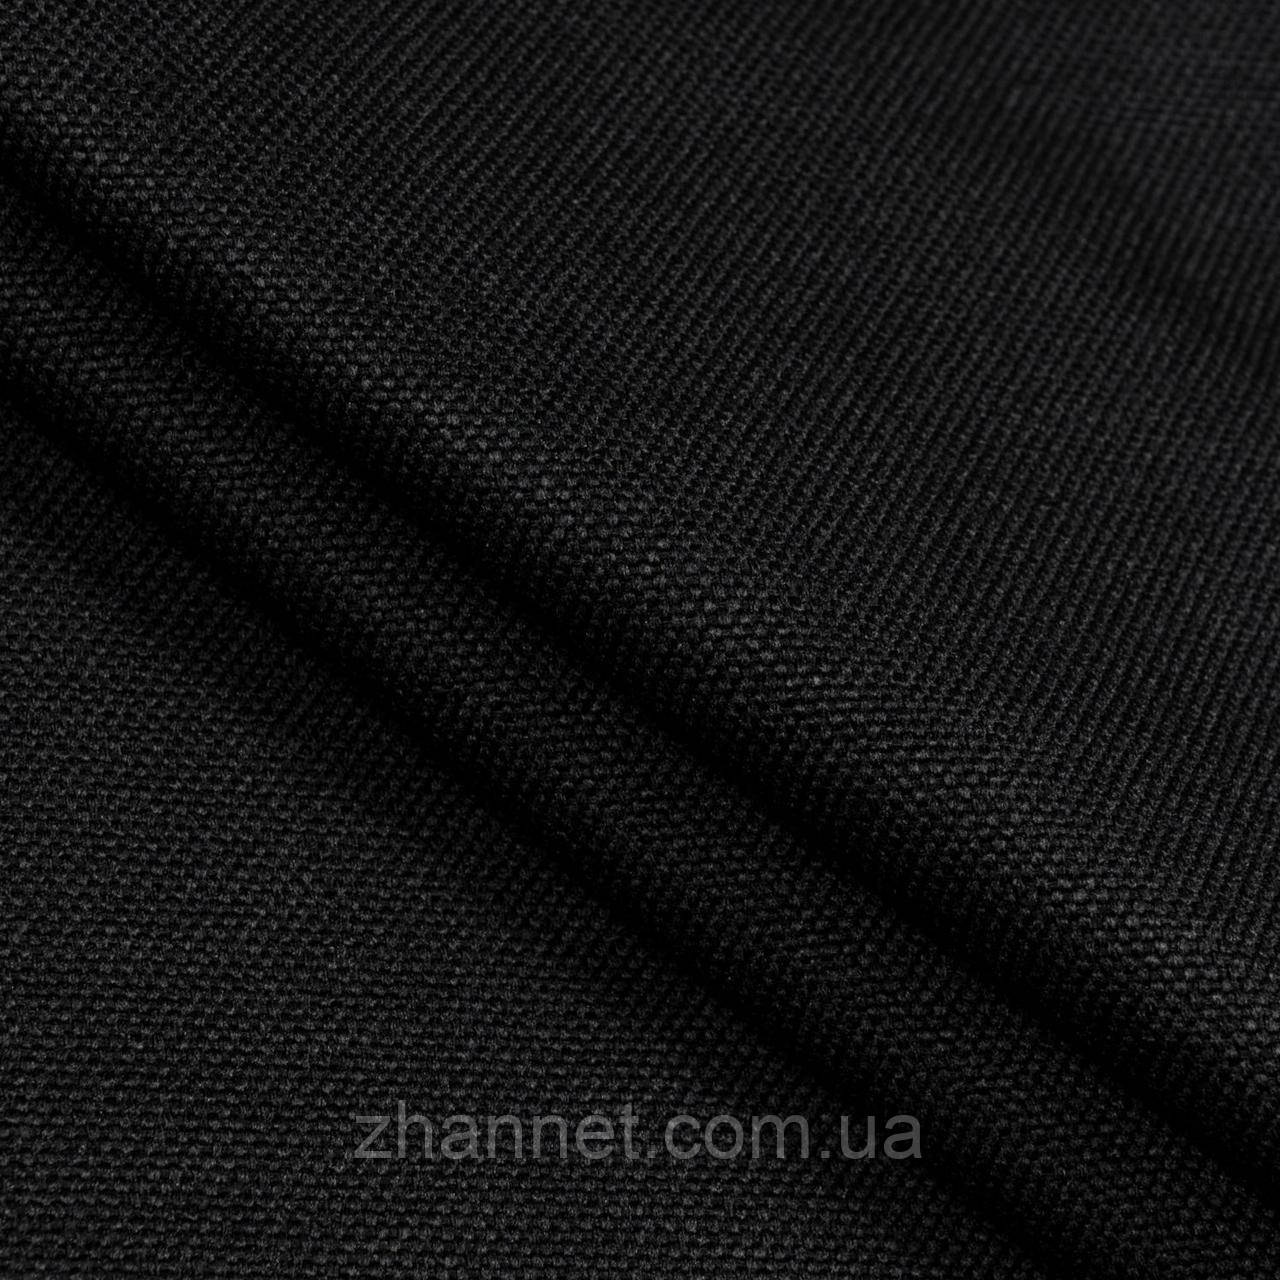 Ткань Блекаут рогожка черный 280 см (328551)